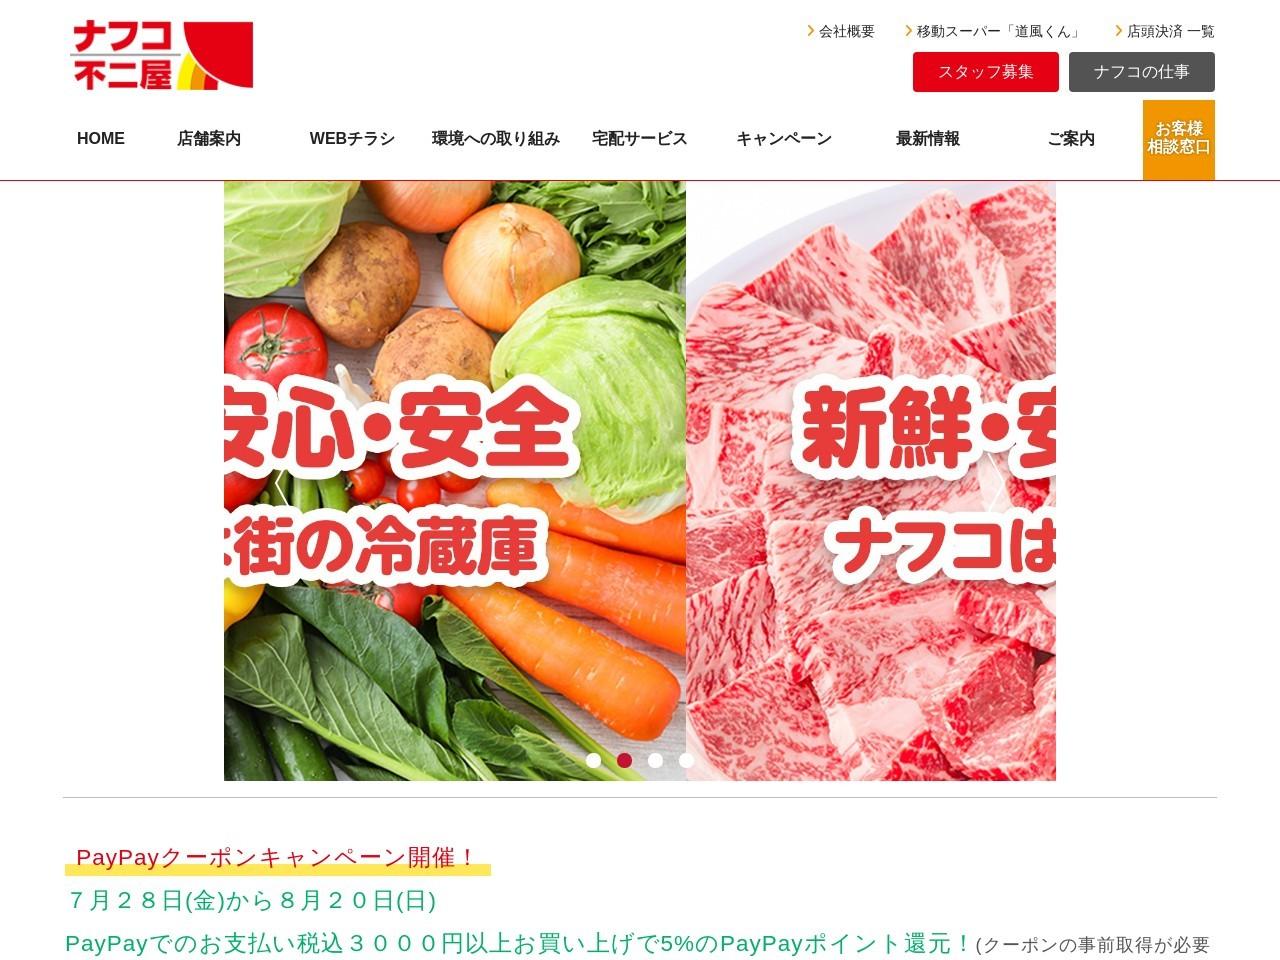 ナフコは街の冷蔵庫。愛知県春日井地区を中心展開する株式会社不二屋のナフコです